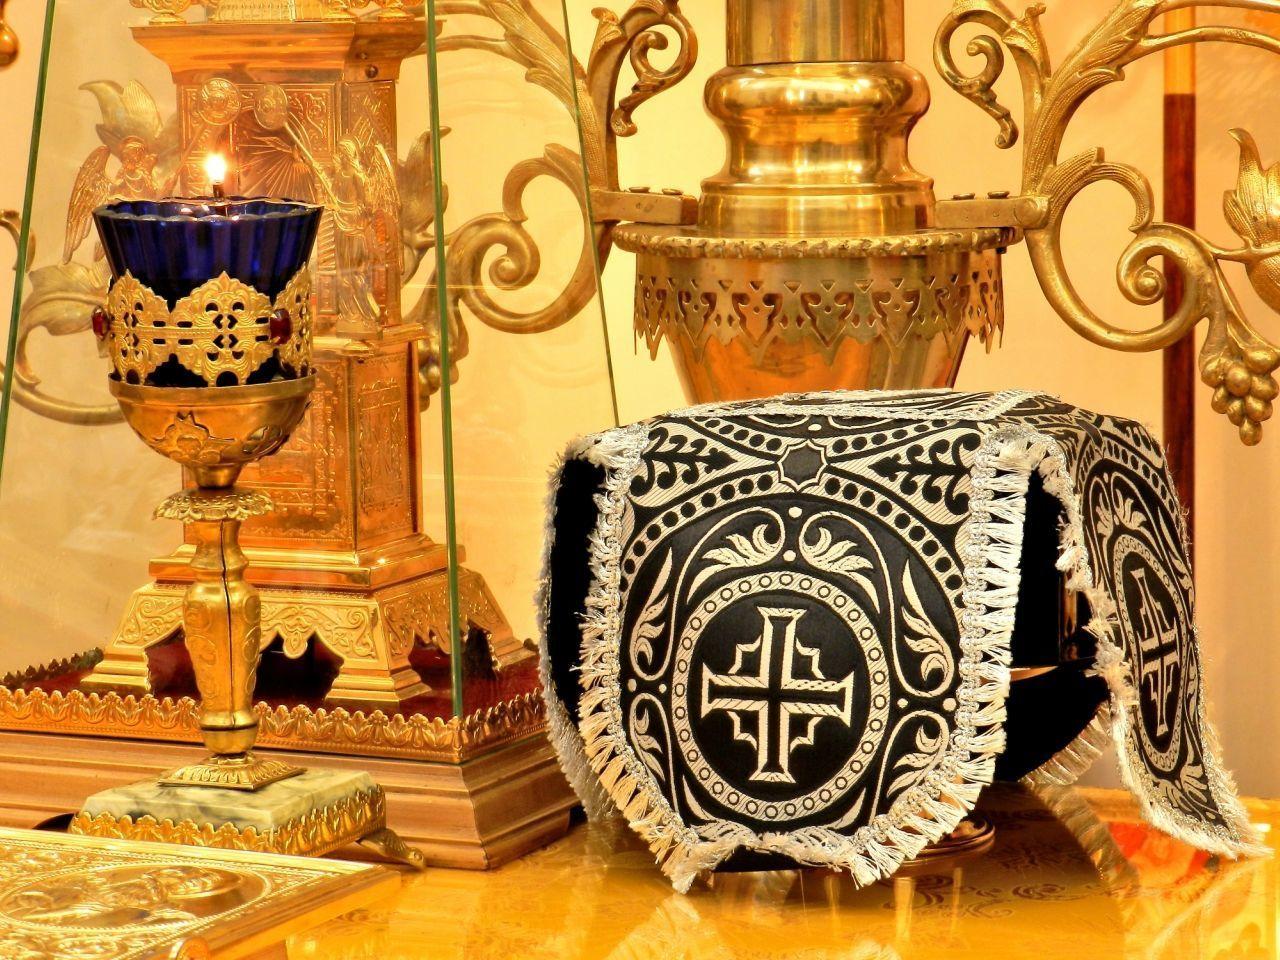 Православные праздники 2020 года в России, календарь праздников. Картинки к праздникам и список праздников сможете найти у нас!